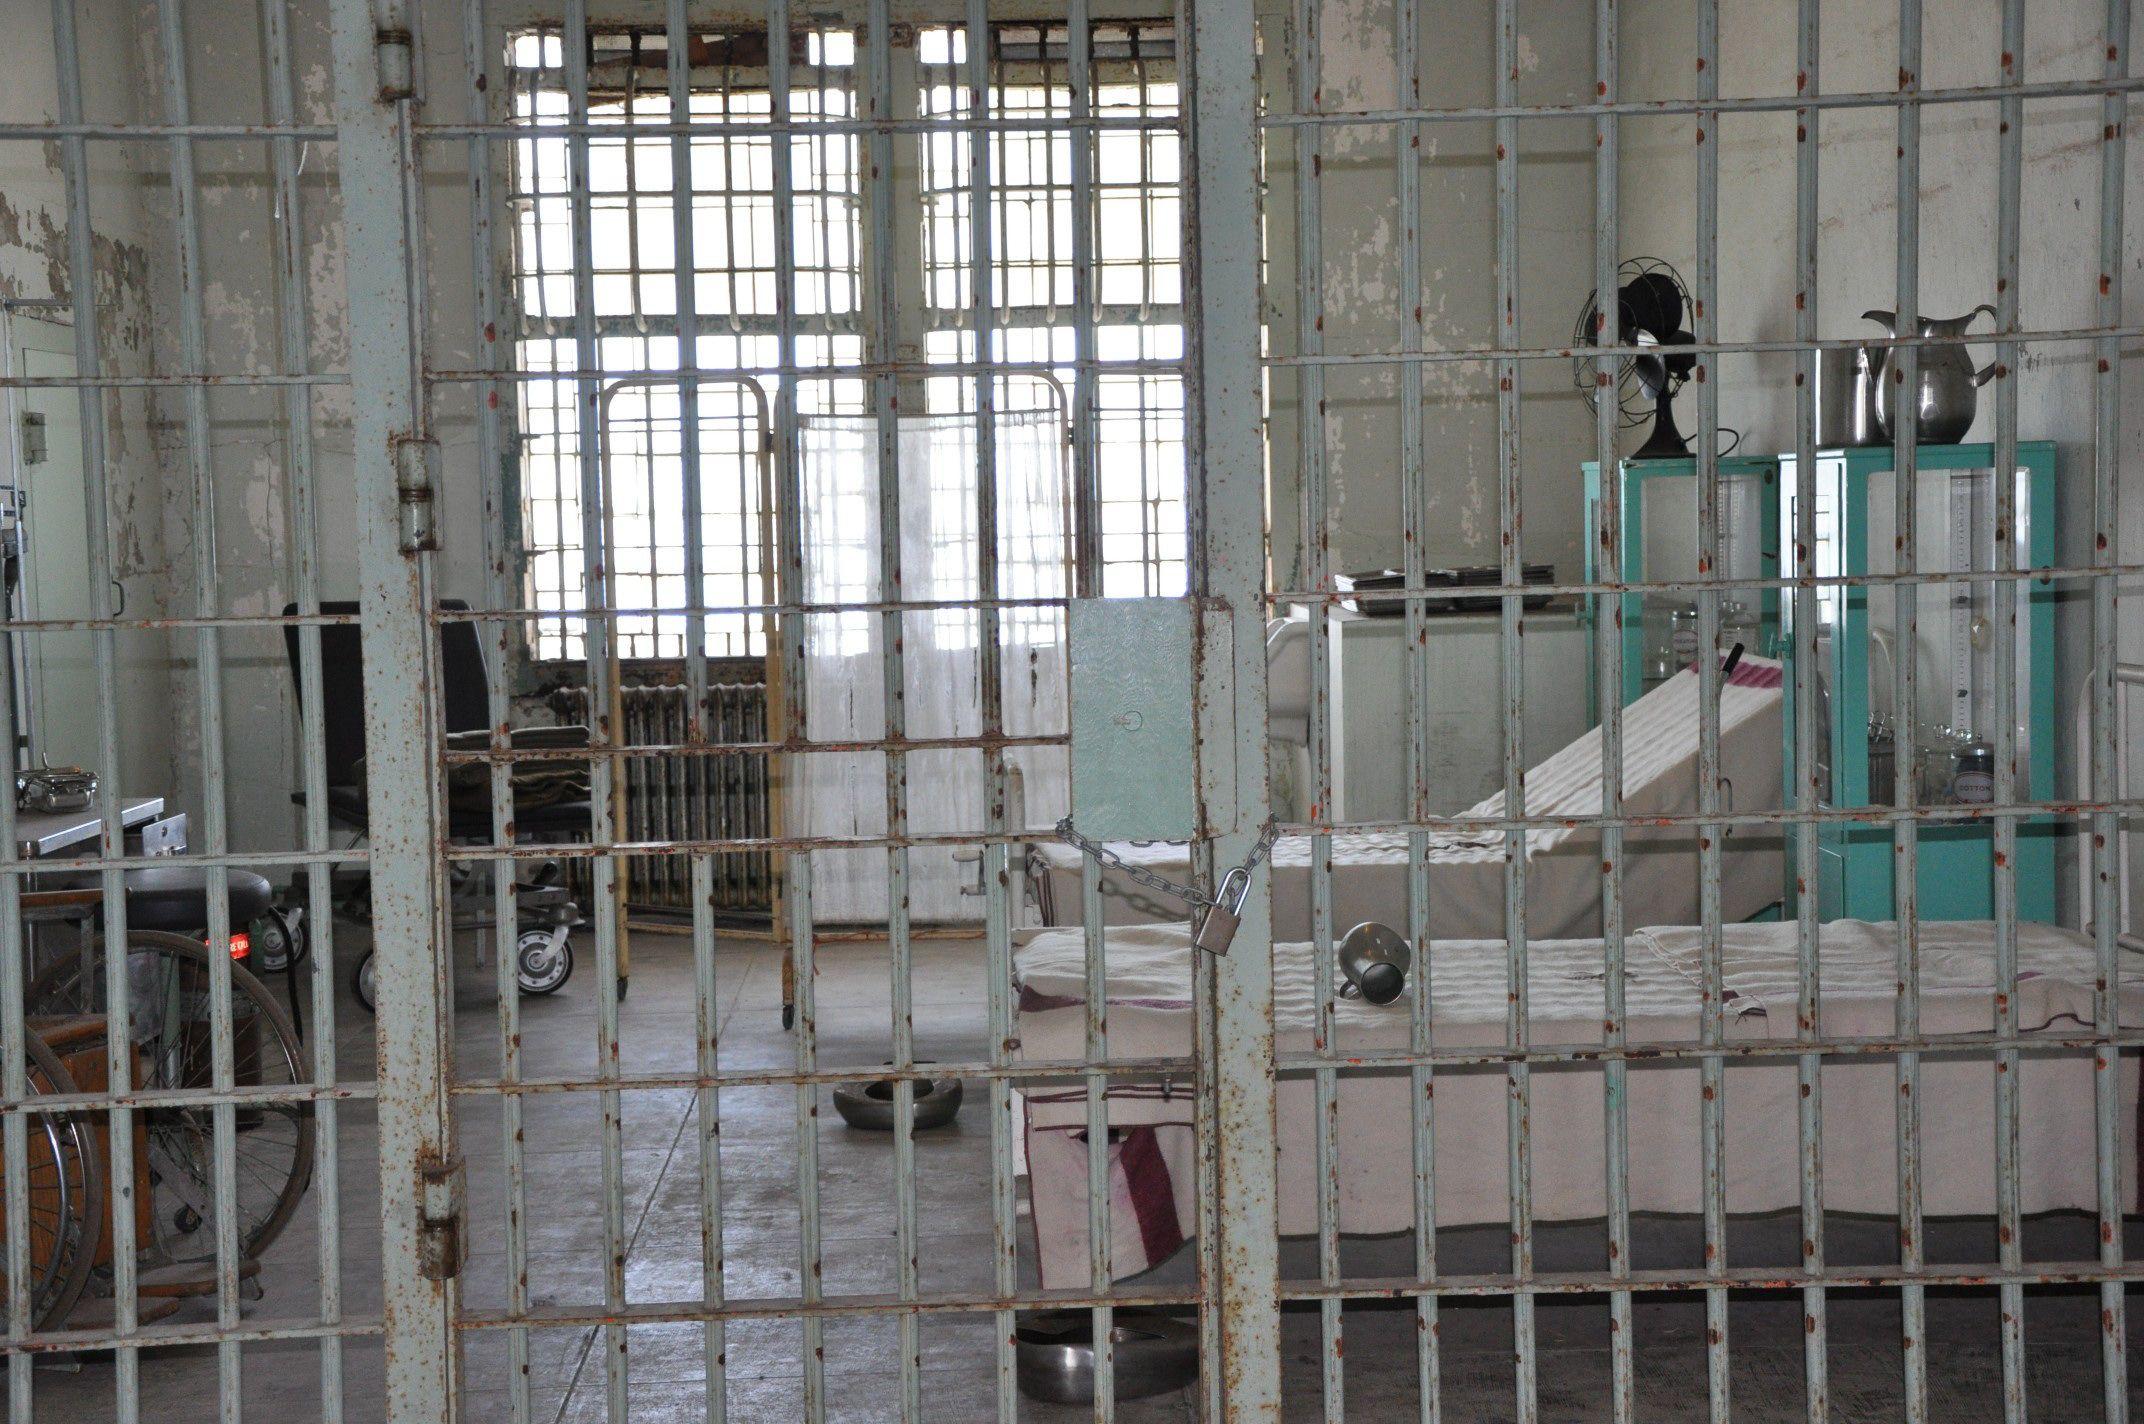 The Prison Hospital Alcatraz Island Prison Alcatraz Island